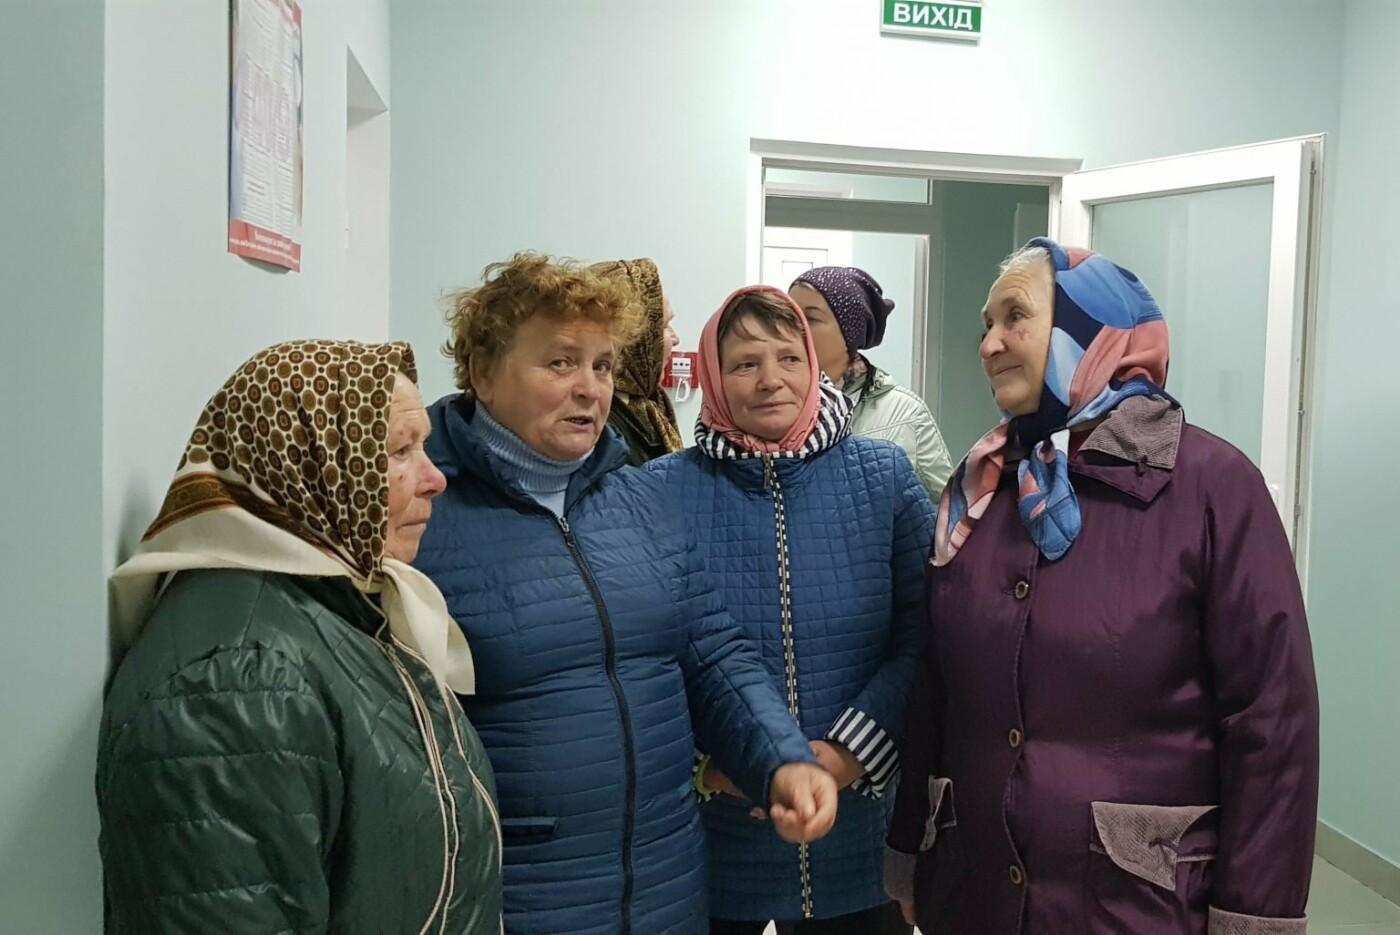 На Кам'янеччині відкрили нову амбулаторію сімейної медицини, фото-9, Фото: Хмельницька ОДА